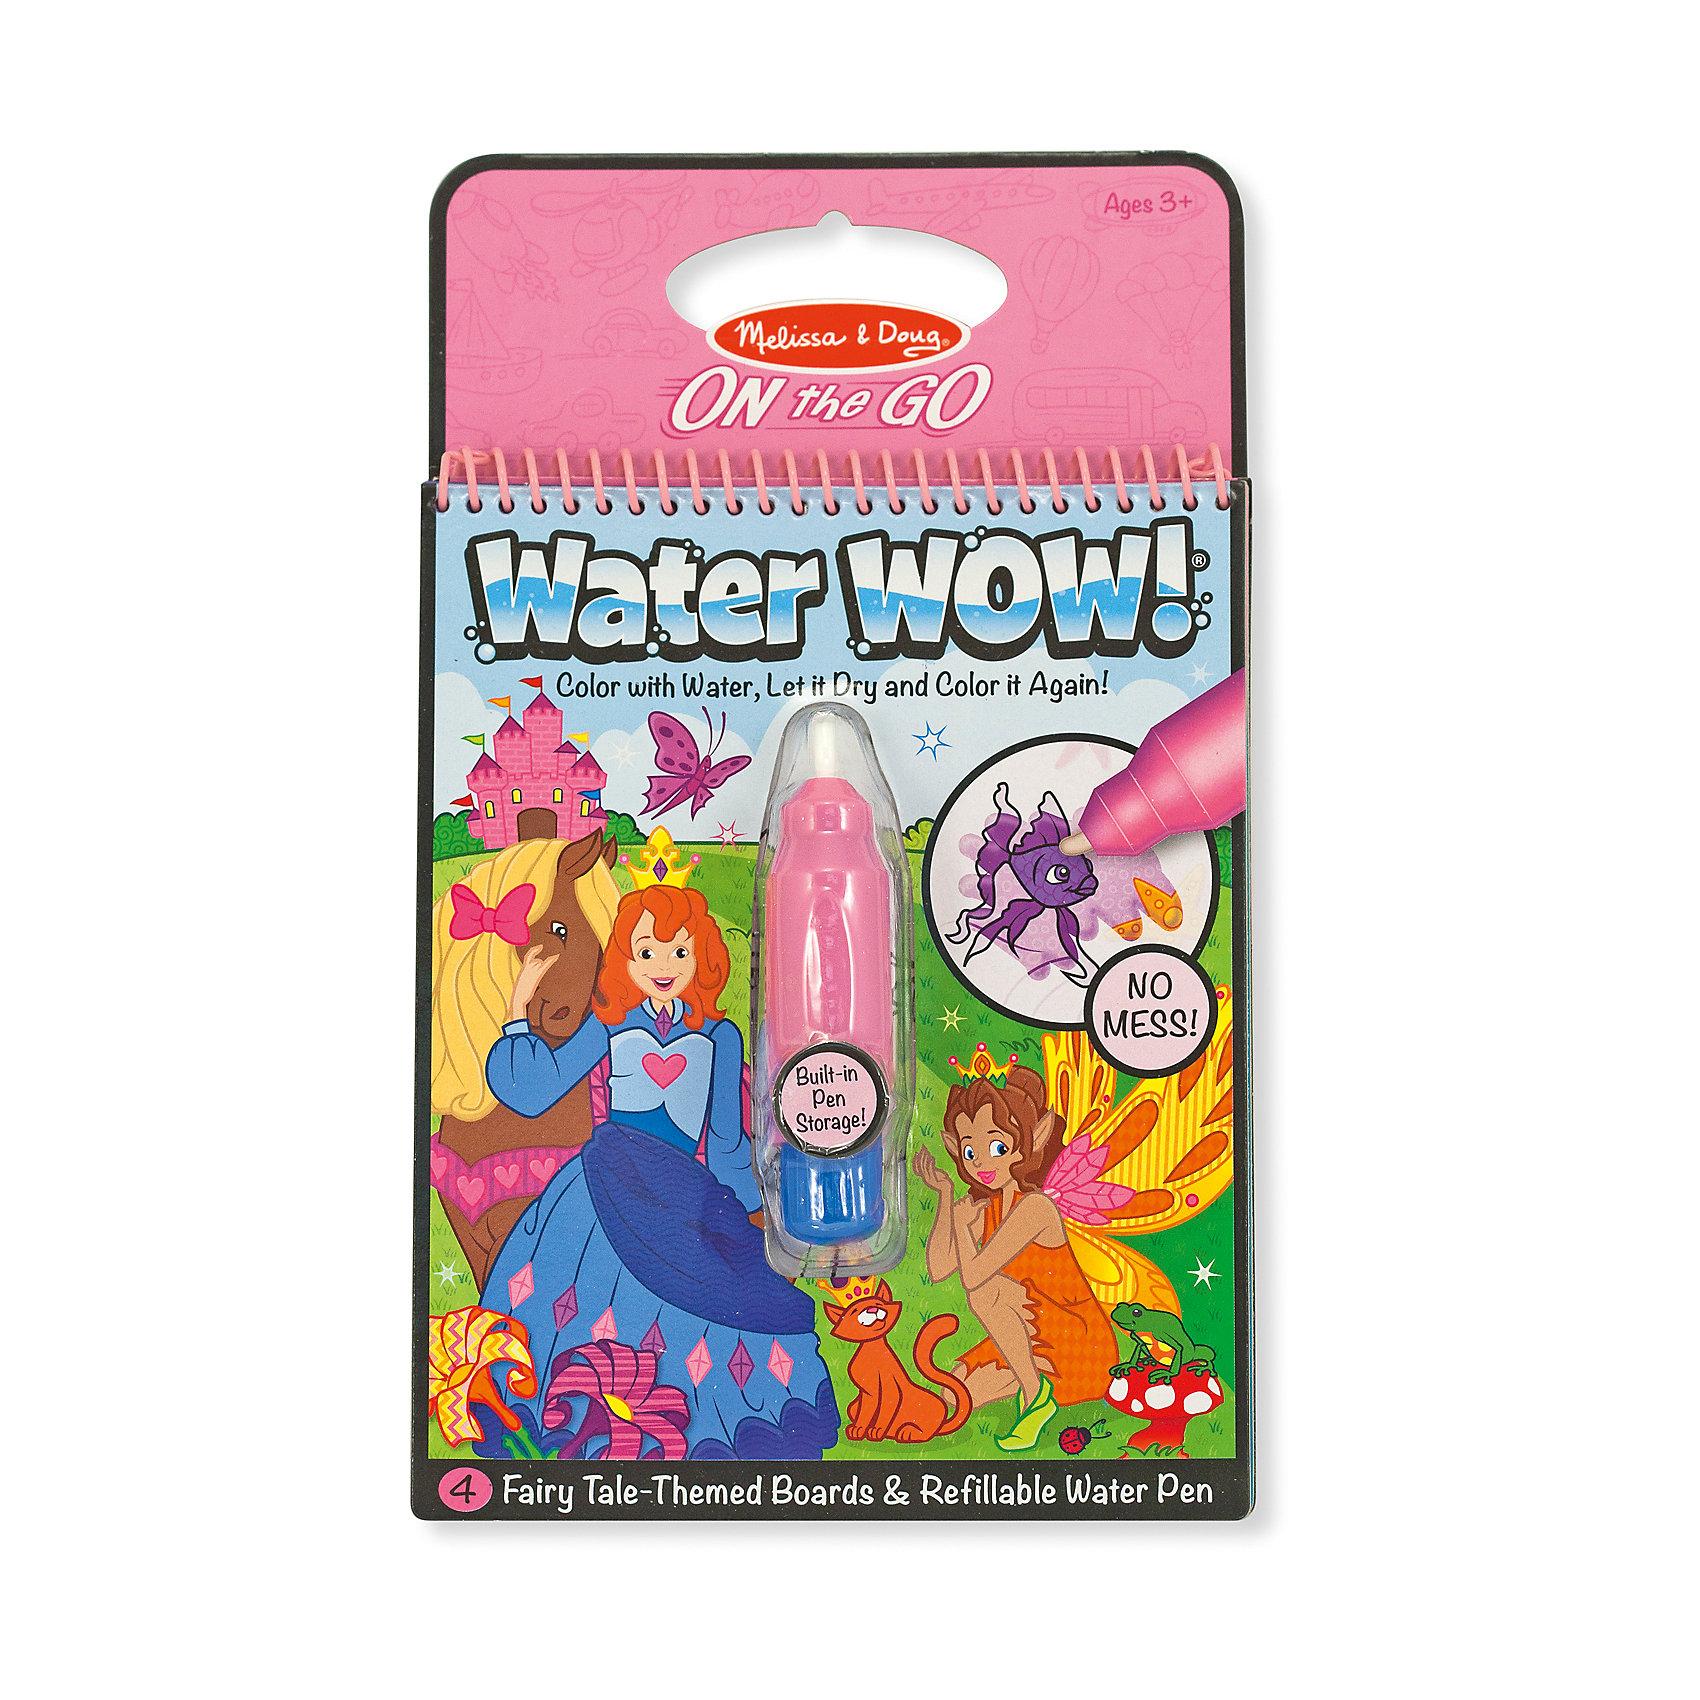 Рисуем водой Фея, Melissa &amp; DougРисование<br>Рисуем водой Фея, Melissa &amp; Doug (Мелисса и Даг) – это увлекательная книжка-раскраска для самых маленьких включает в себя 4 картинки с изображением волшебных фей и ручку для раскрашивания. Просто наполните стержень водой и начинайте рисовать. Цвета начнут проявляться, а картинка оживать! После просыхания цвета исчезают, и ребенок может снова и снова возвращаться к разукрашиванию. Водяная ручка имеет удобный размер для детской руки. В процессе рисования развивается мелкая моторика, воображение и творческие навыки. <br><br>Дополнительная информация:<br>-Размер упаковки: 25х16х4 см<br>-Материалы: картон, пластик<br><br>Набор Рисуем водой Фея – это увлекательная волшебная раскраска, которую можно брать даже в путешествия, не боясь, что ребенок испачкается красками!<br><br>Рисуем водой Фея, Melissa &amp; Doug (Мелисса и Даг) можно купить в нашем магазине.<br><br>Ширина мм: 150<br>Глубина мм: 150<br>Высота мм: 250<br>Вес г: 210<br>Возраст от месяцев: 36<br>Возраст до месяцев: 180<br>Пол: Женский<br>Возраст: Детский<br>SKU: 4008290